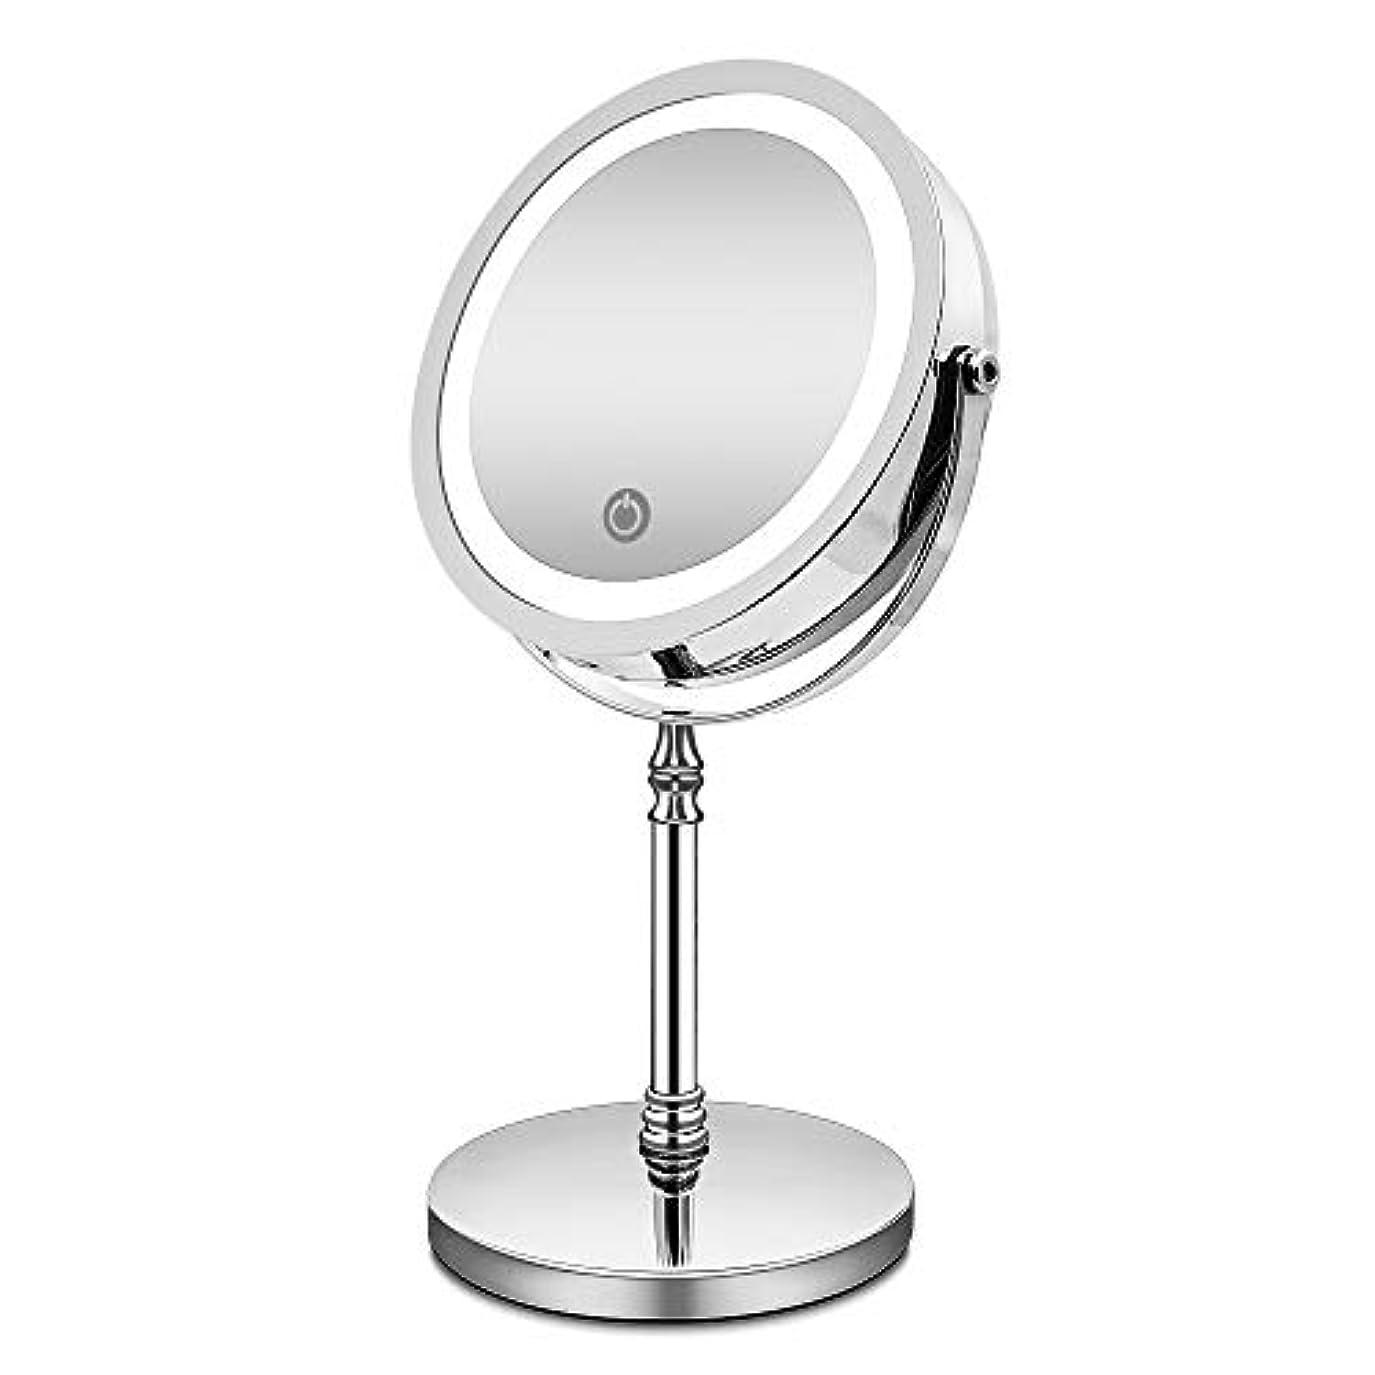 に渡って合法好色な化粧鏡 10倍 拡大鏡 付き led ミラー LED 両面 鏡 卓上 スタンドミラー メイク 3 WAY給電 曇らないミラー 360度回転 北欧風 電池&USB 日本語取扱説明書付き (改良版)